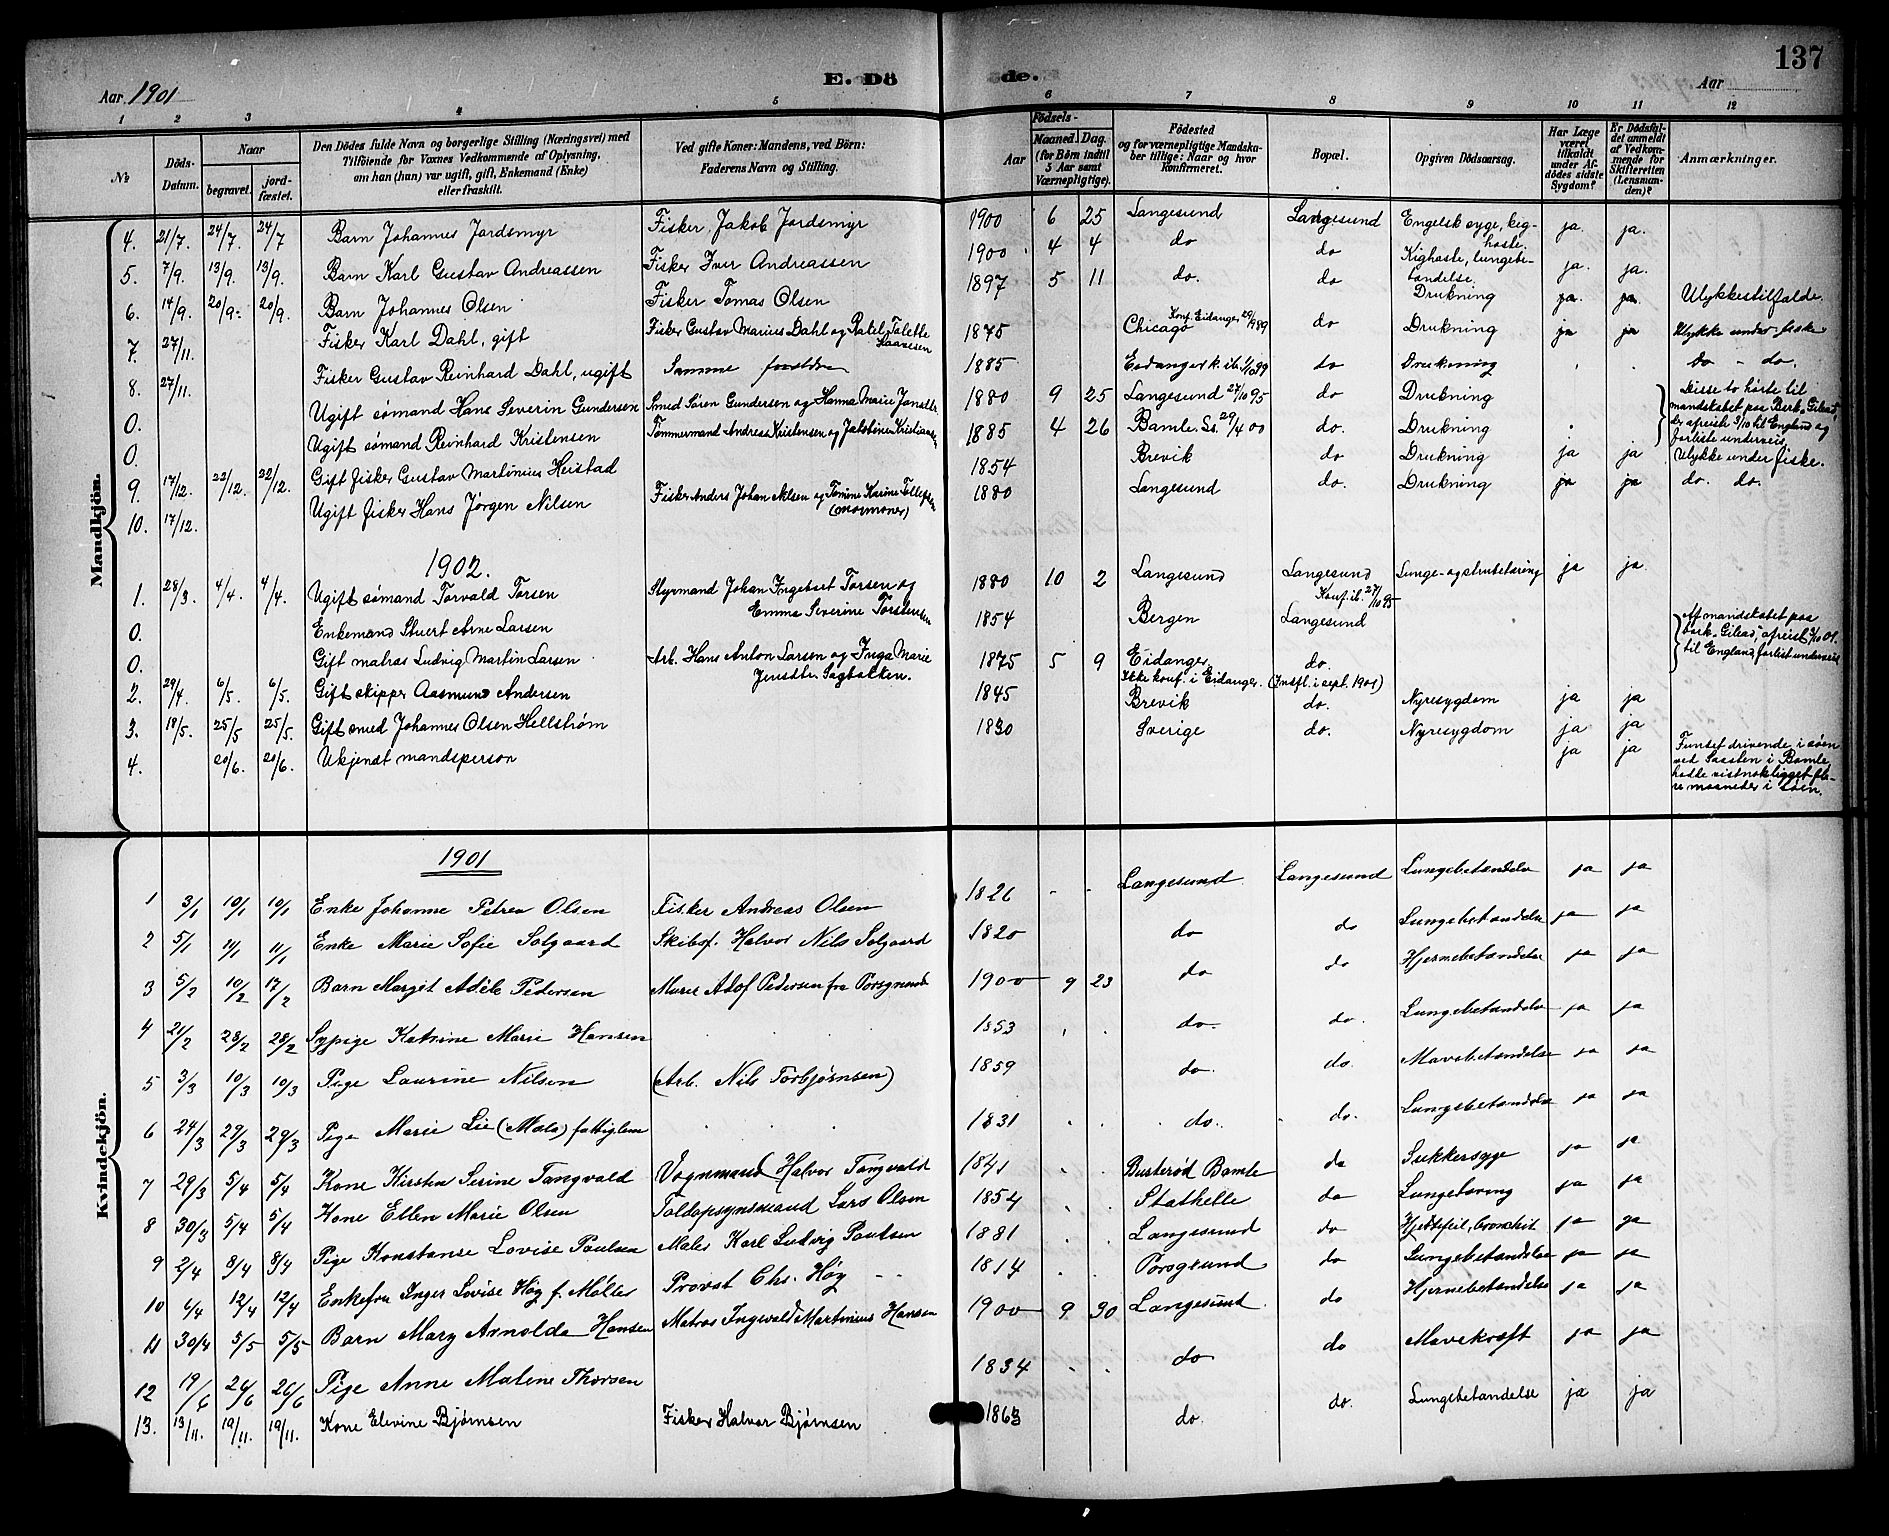 SAKO, Langesund kirkebøker, G/Ga/L0006: Klokkerbok nr. 6, 1899-1918, s. 137